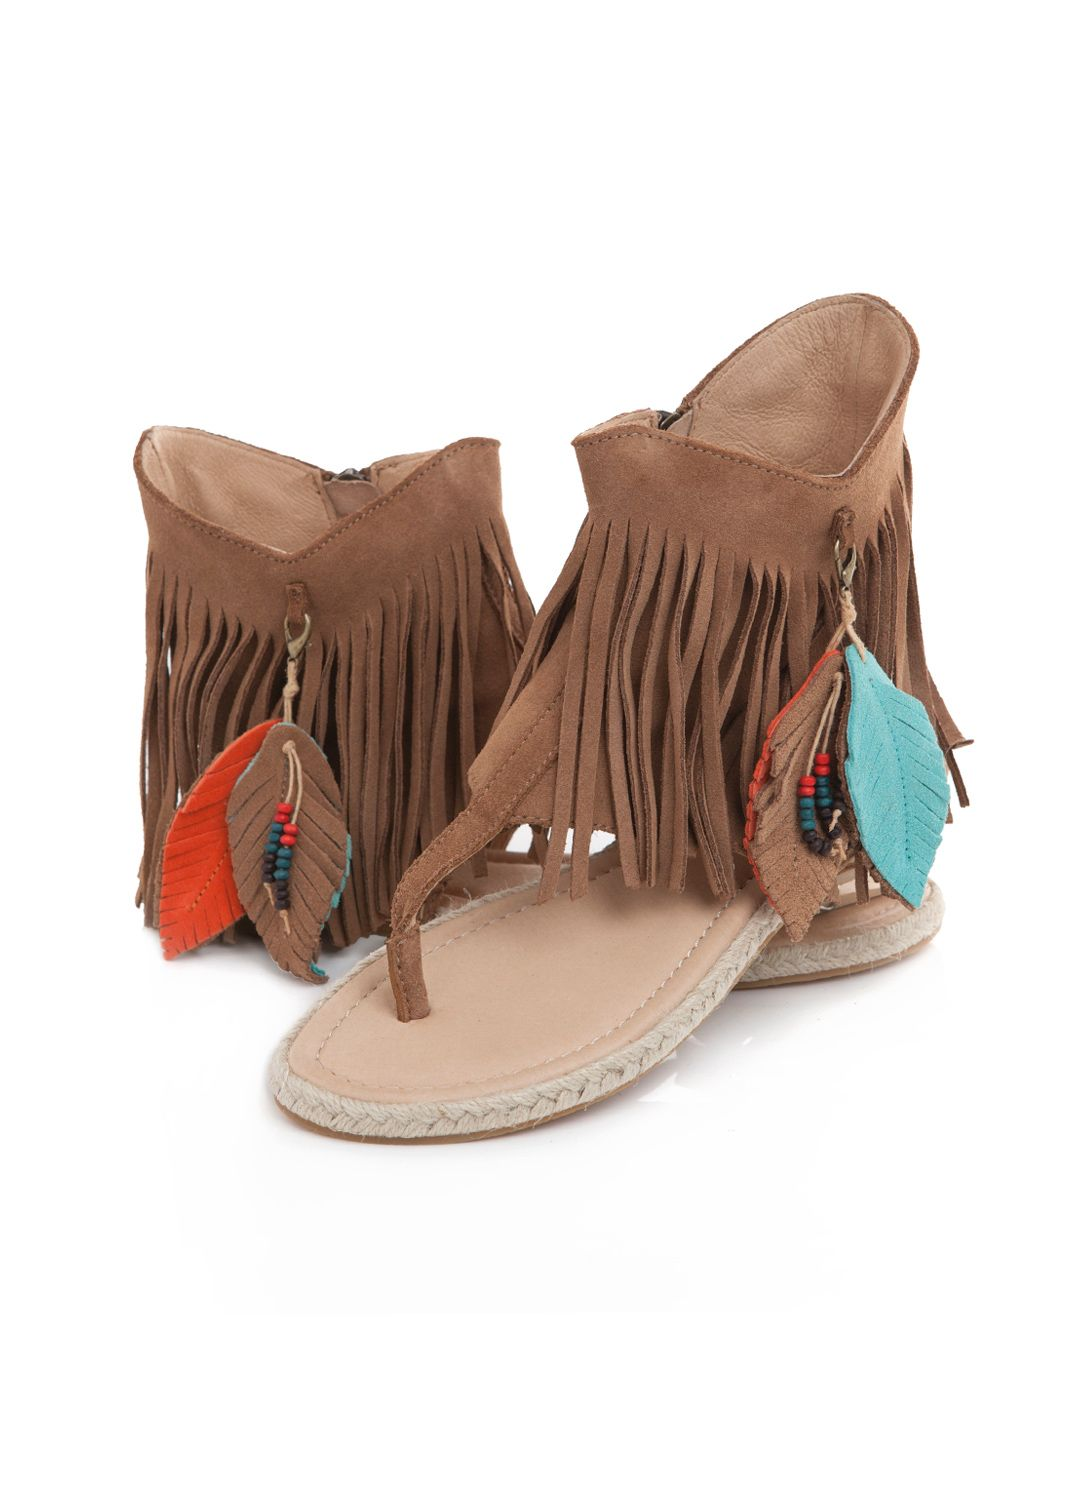 cac95ca2c62 Koolaburra Enez Fringe Sandal   My Style   Fringe sandals, Shoe ...